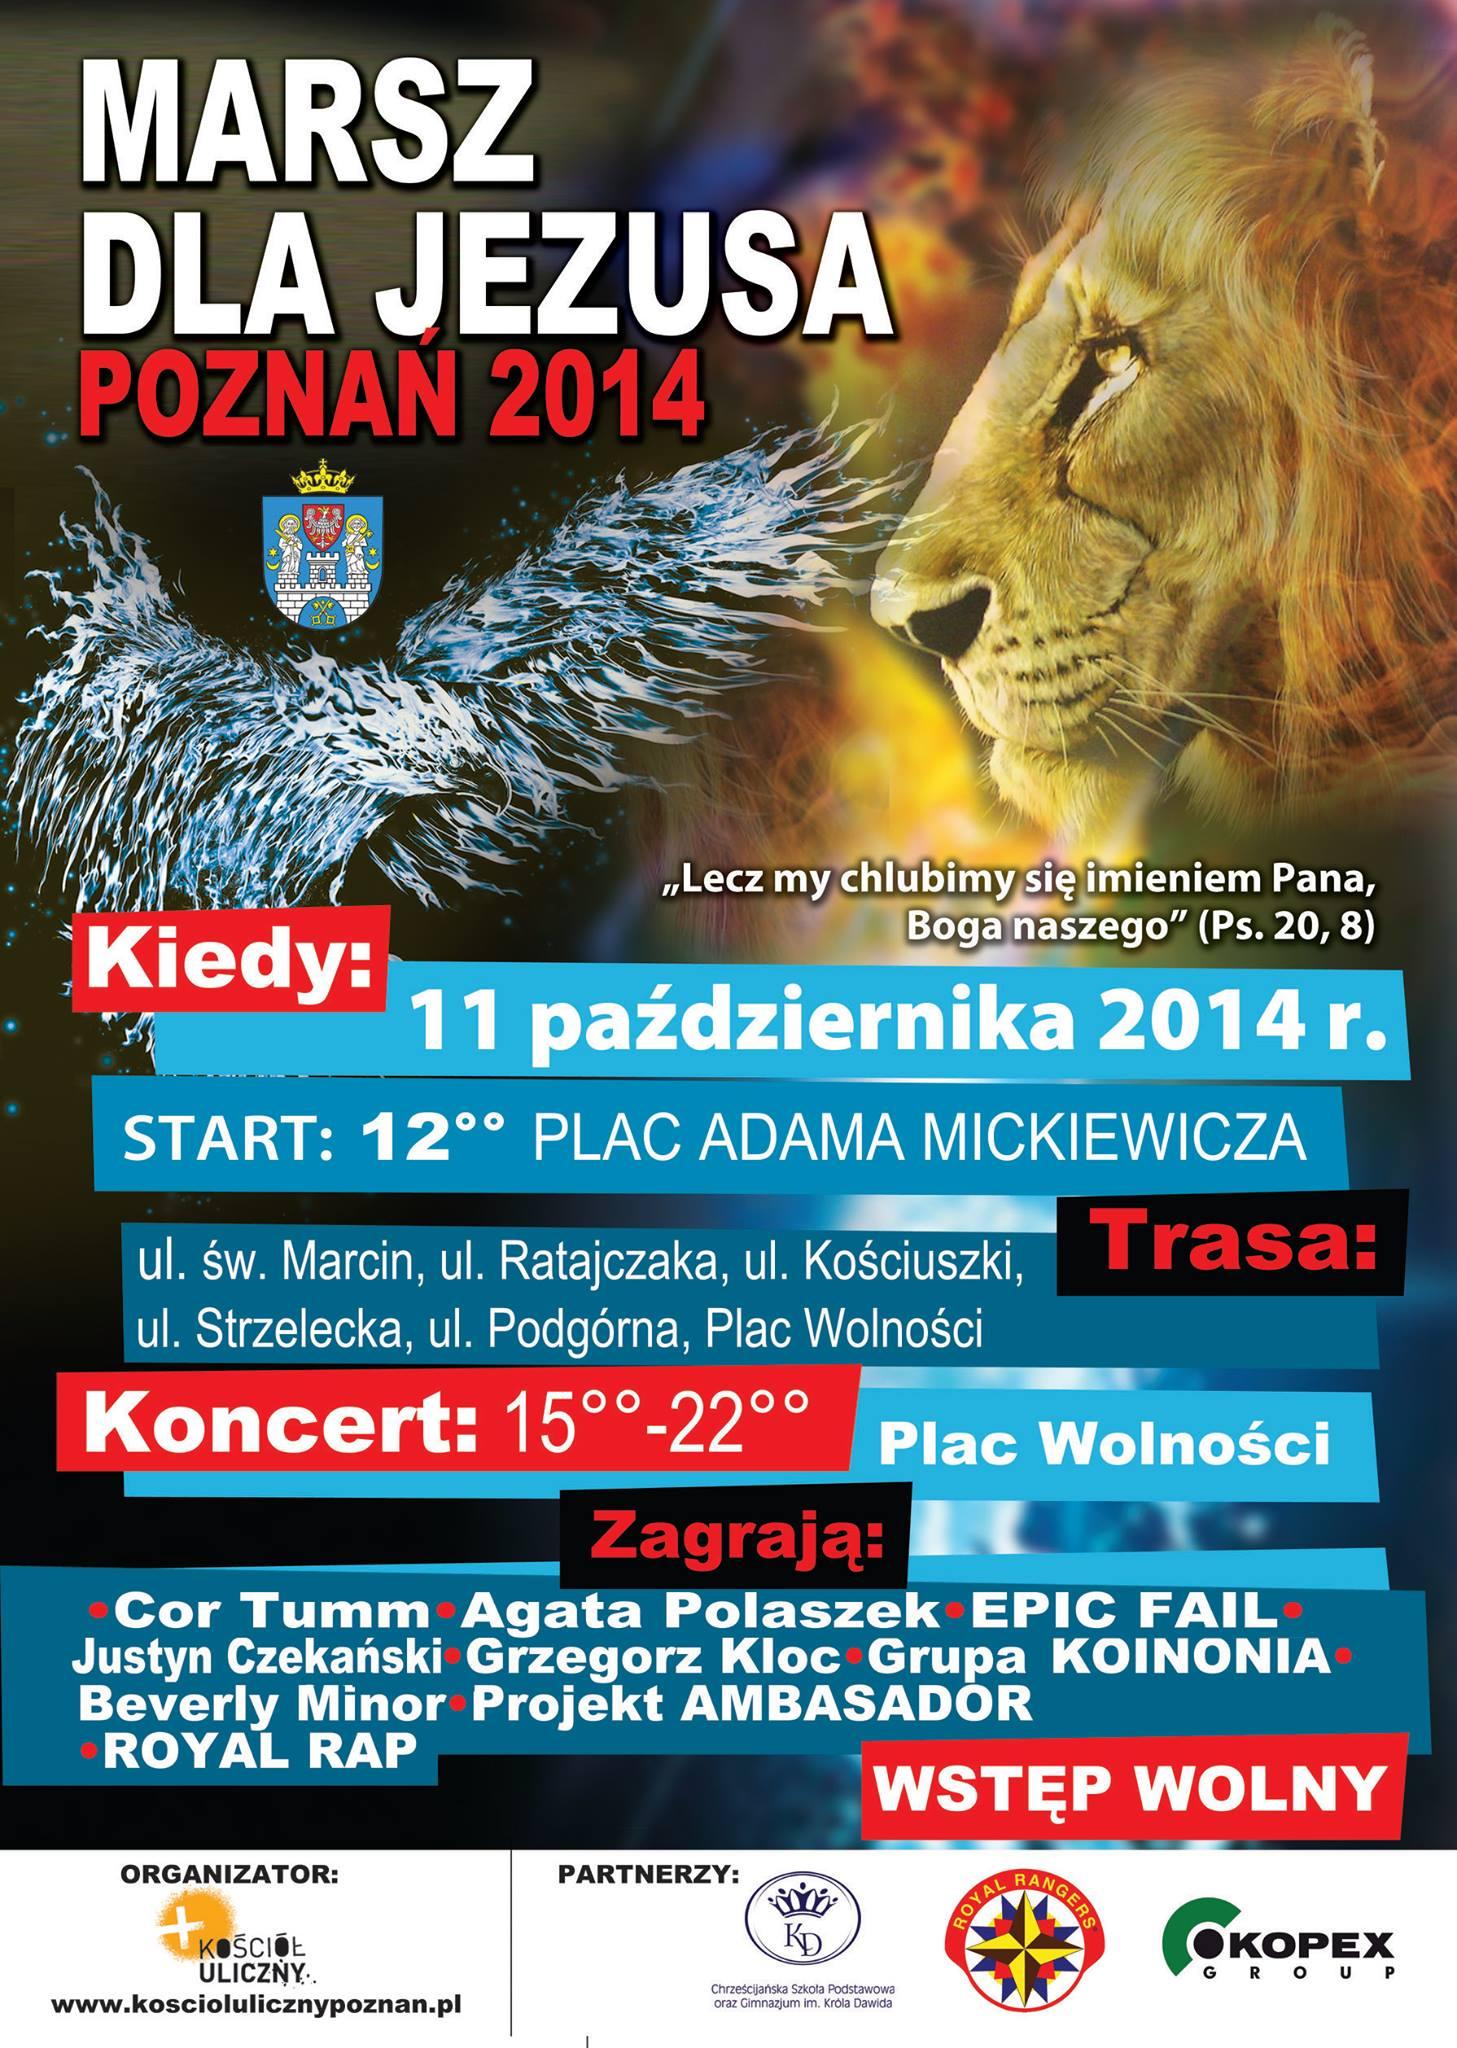 Marsz dla Jezusa przejdzie ulicami Poznania!